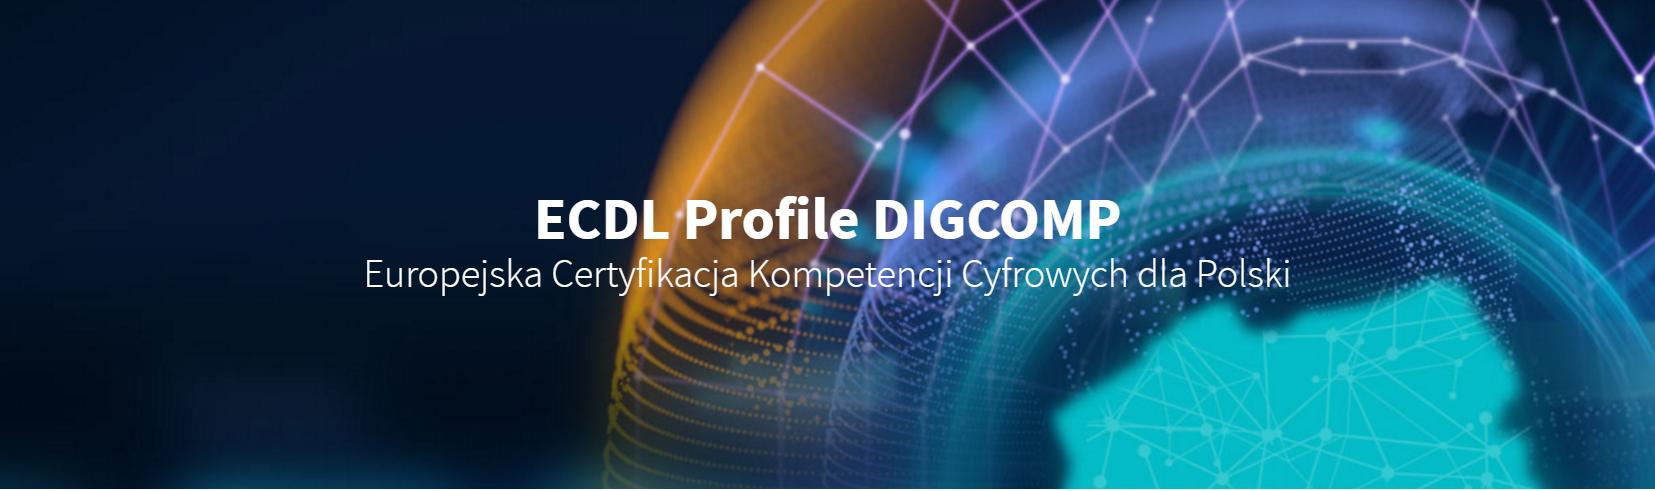 ECDL Profile DIGCOMP Europejska Certyfikacja Kompetencji Cyfrowych dla Polski